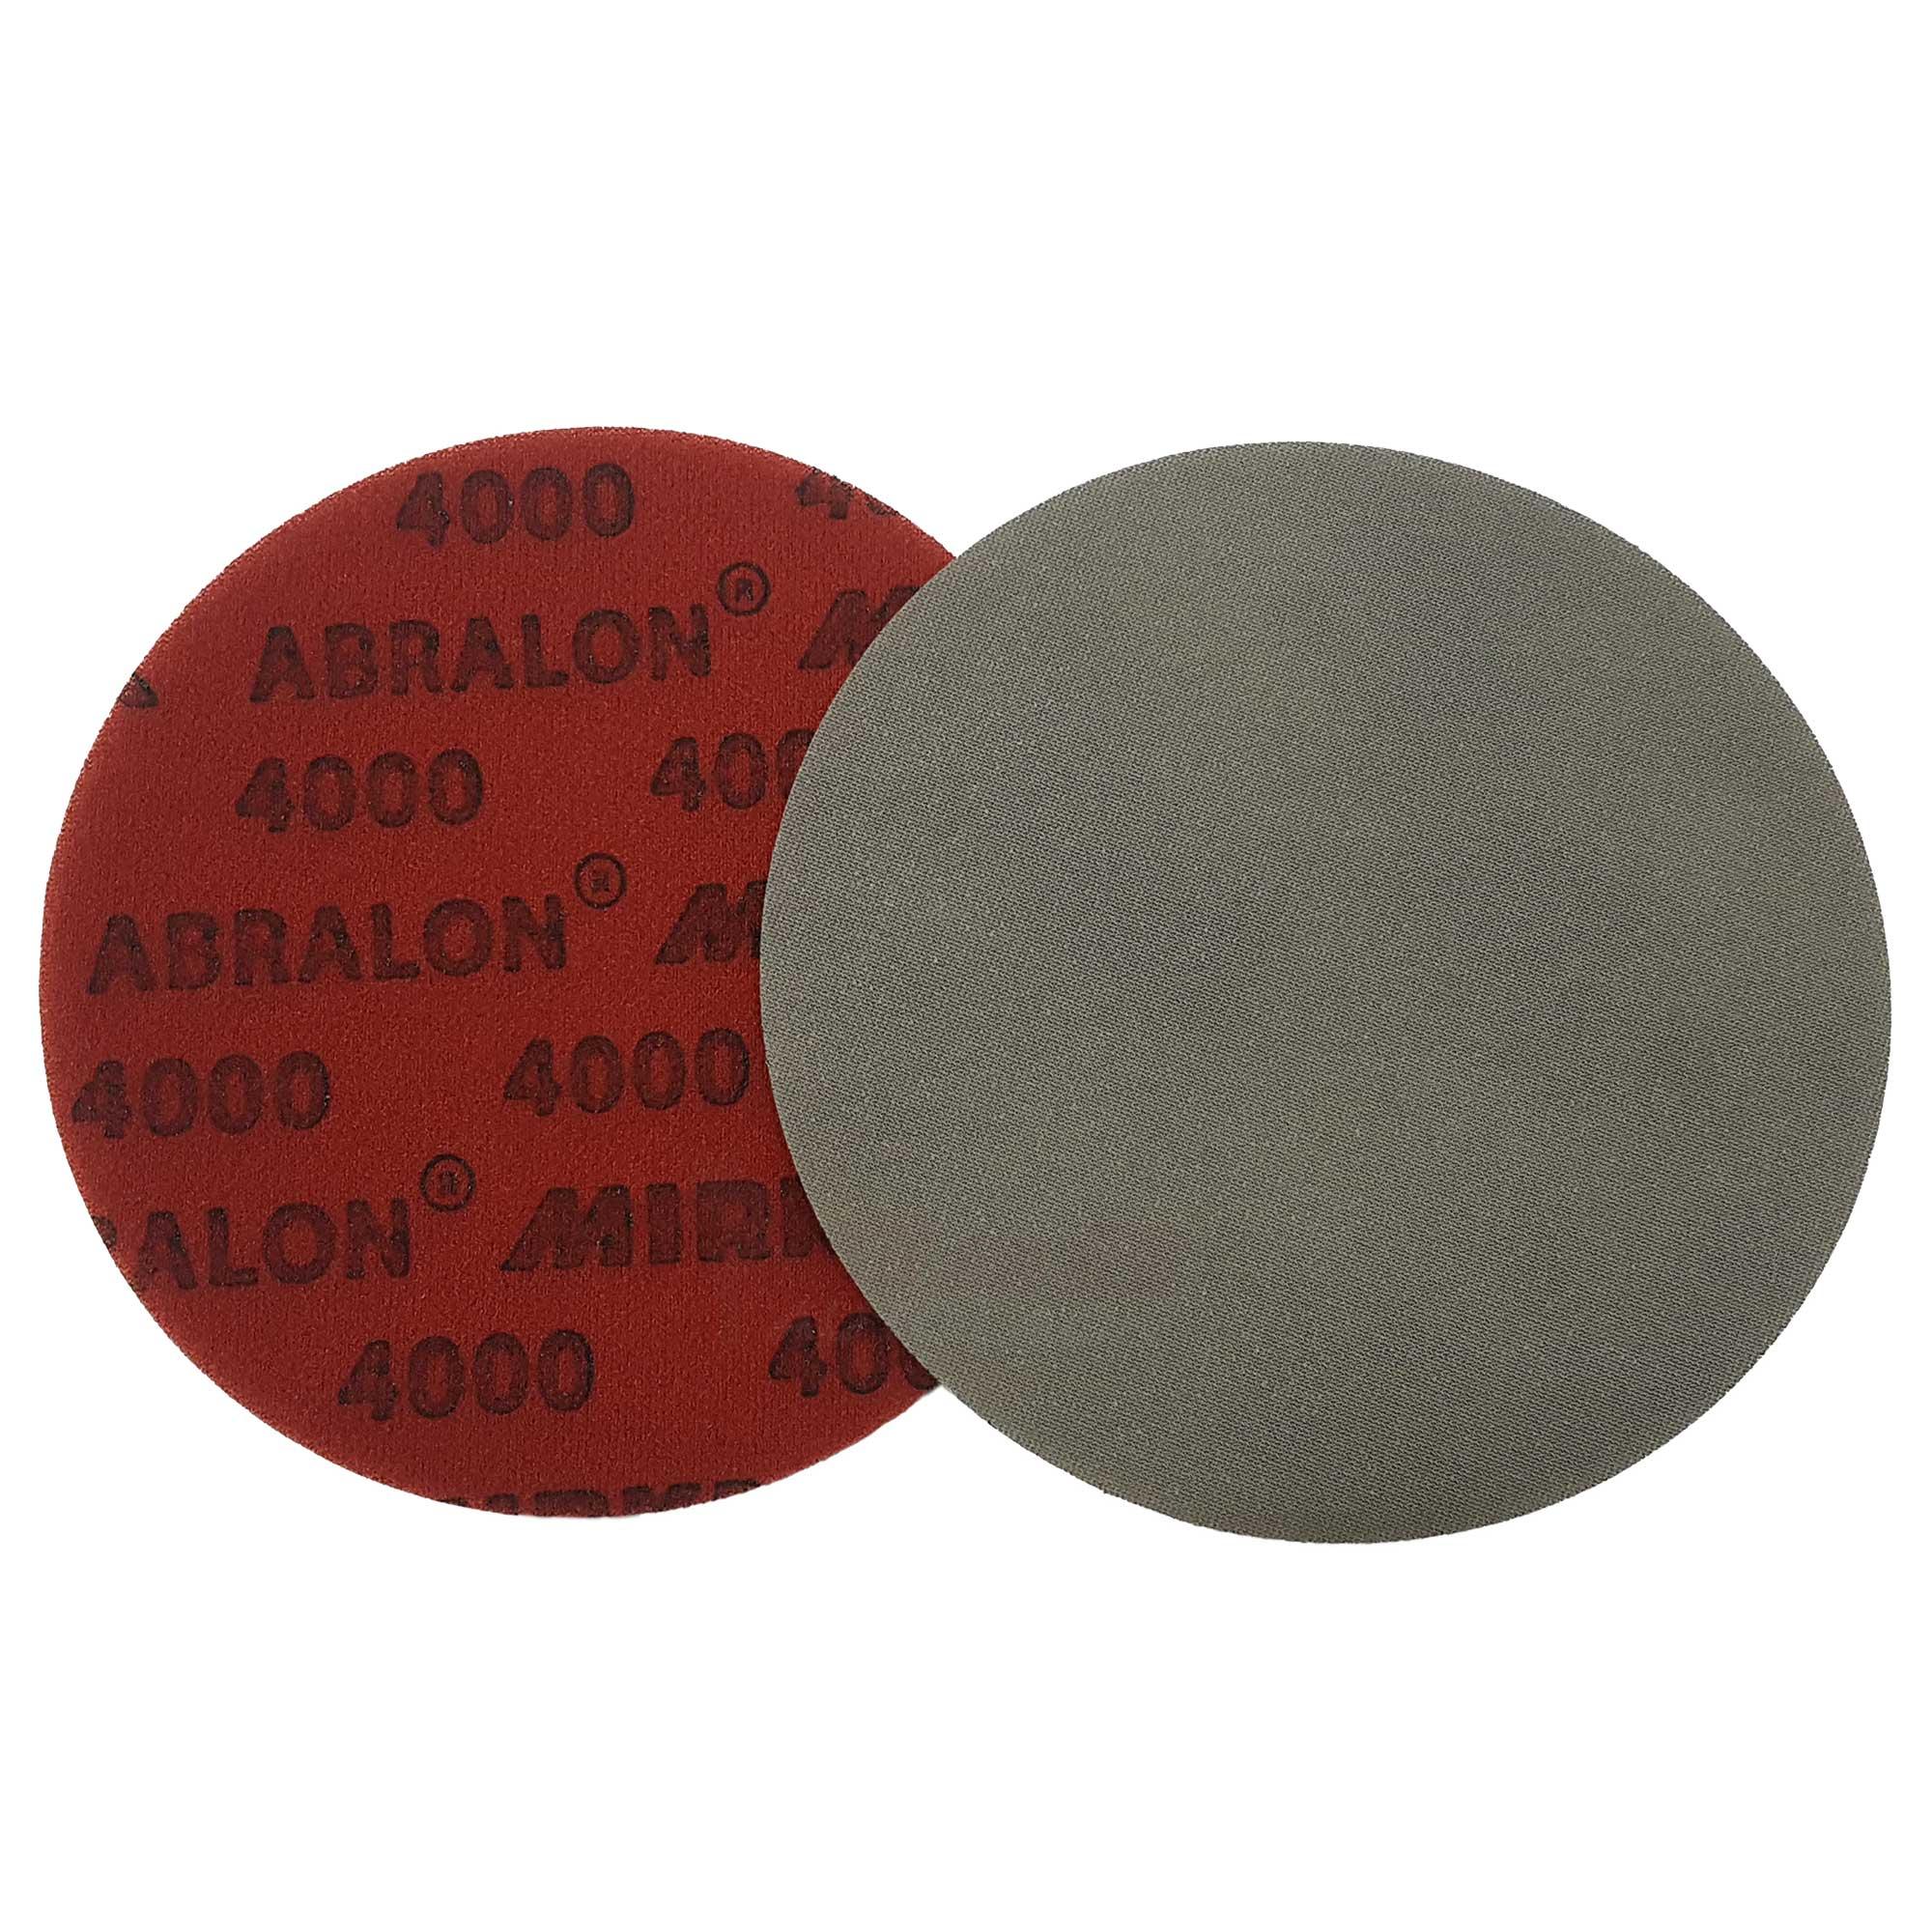 Mirka Abralon Schleifscheiben P180 bis P4000 Klett 10 Stück